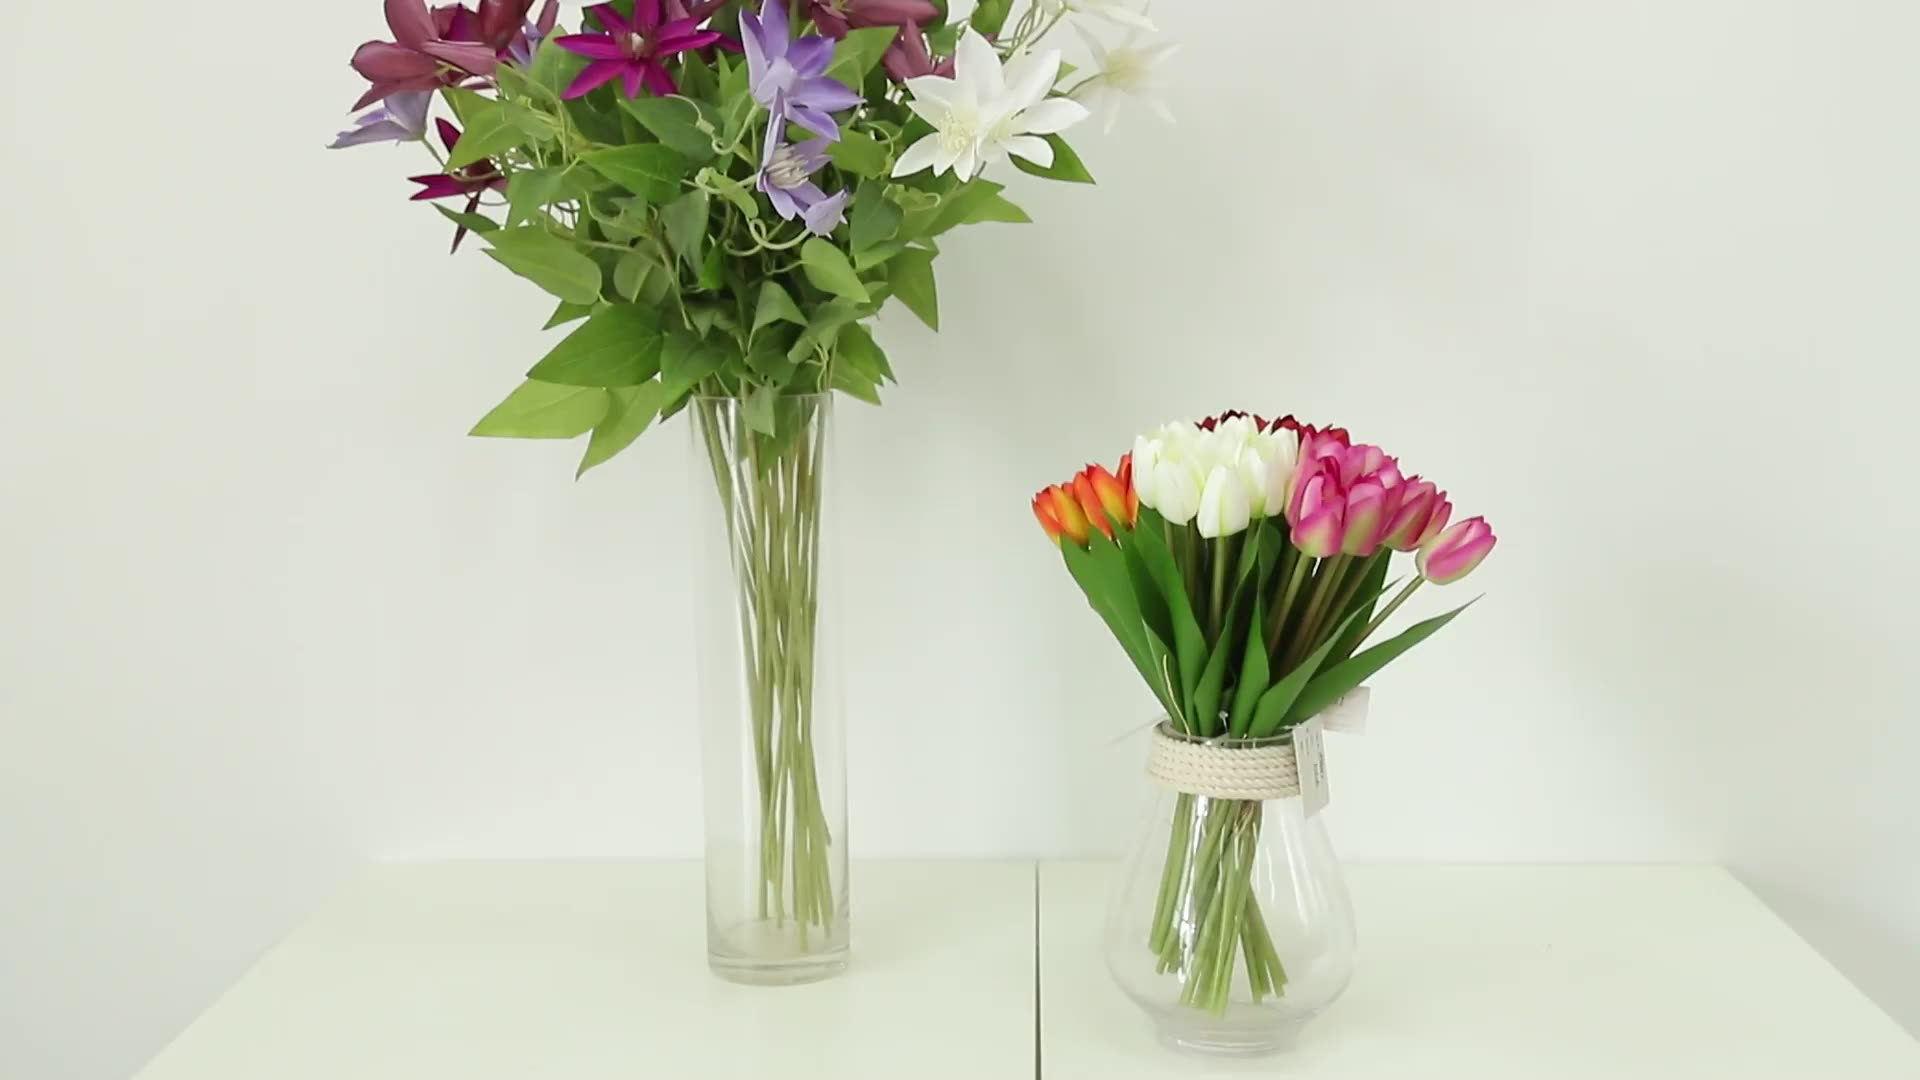 Groothandel 3 Heads Kunstmatige Clematis Bloem Zijden Doek Wit Roze Blauw Oranje Wedding Decoratieve